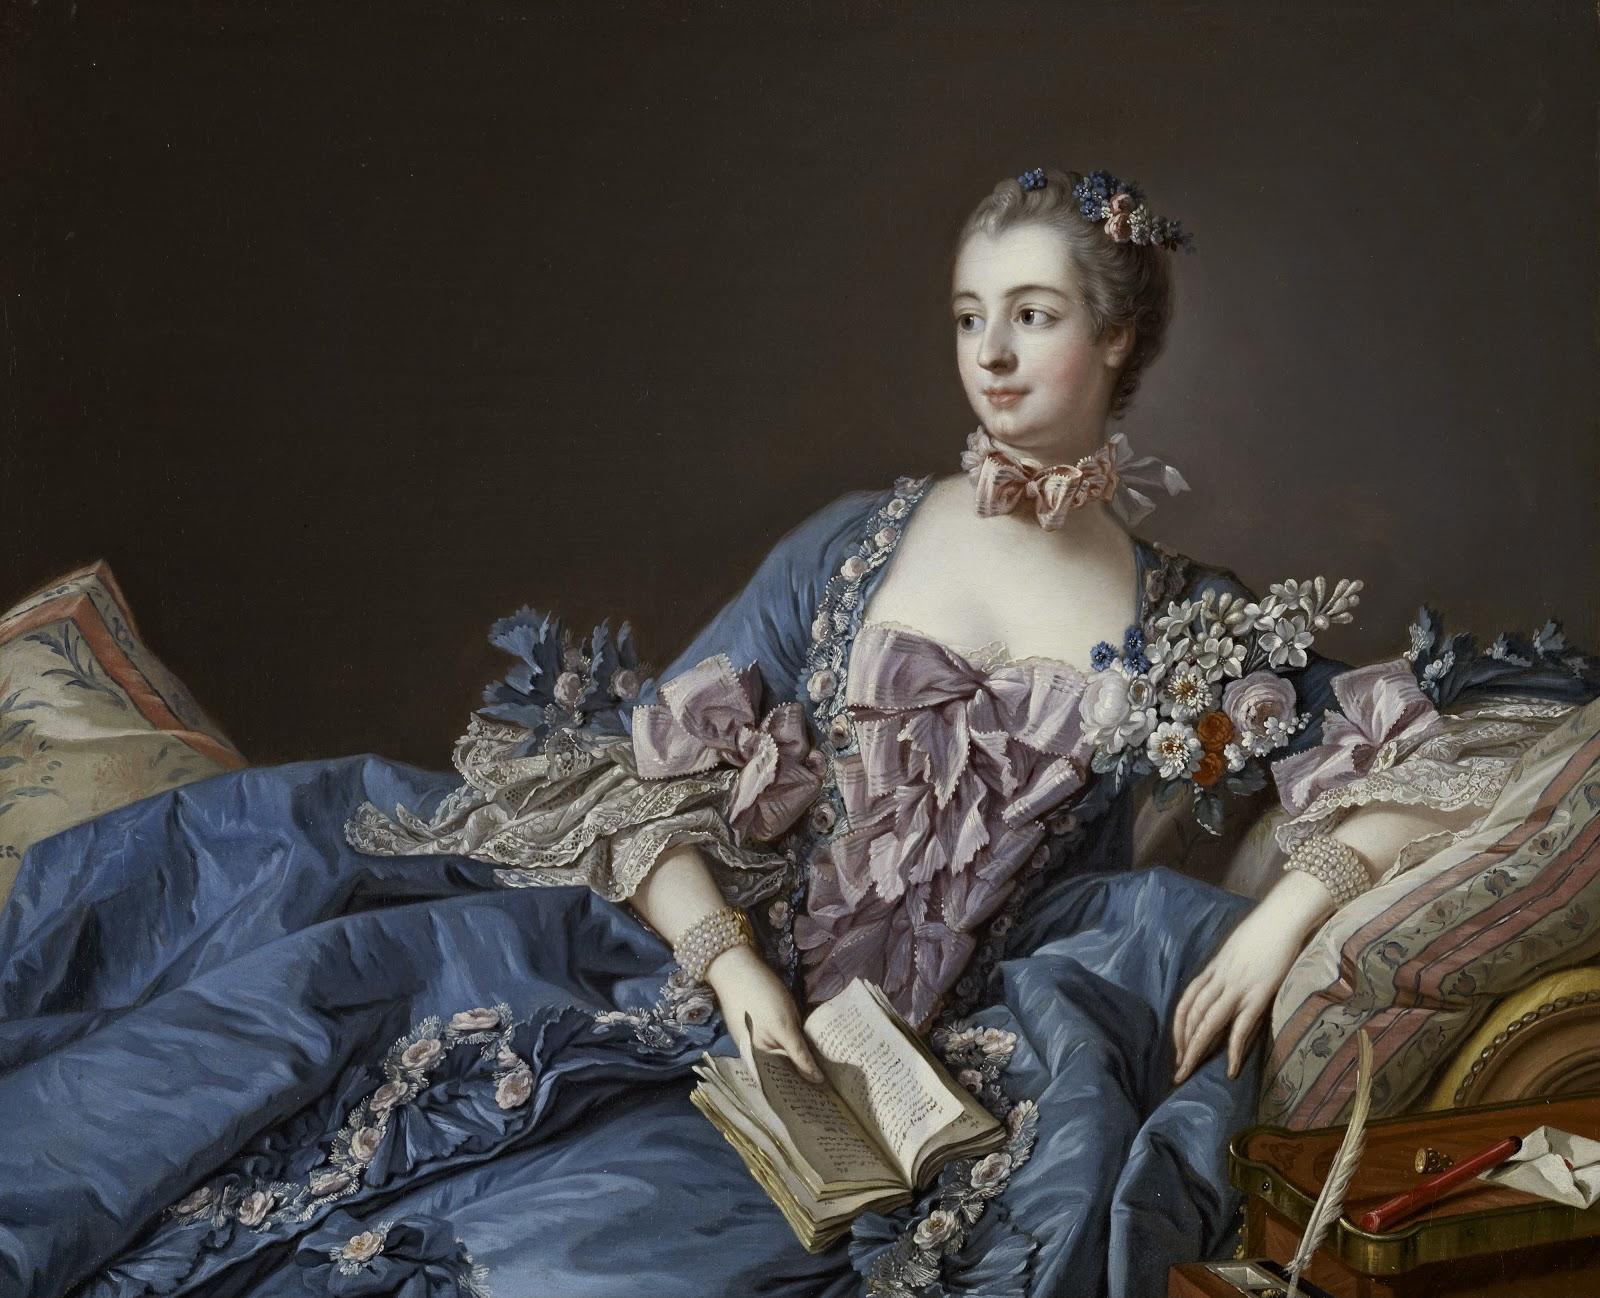 prostitutas famosas de la historia prostitutas en paris